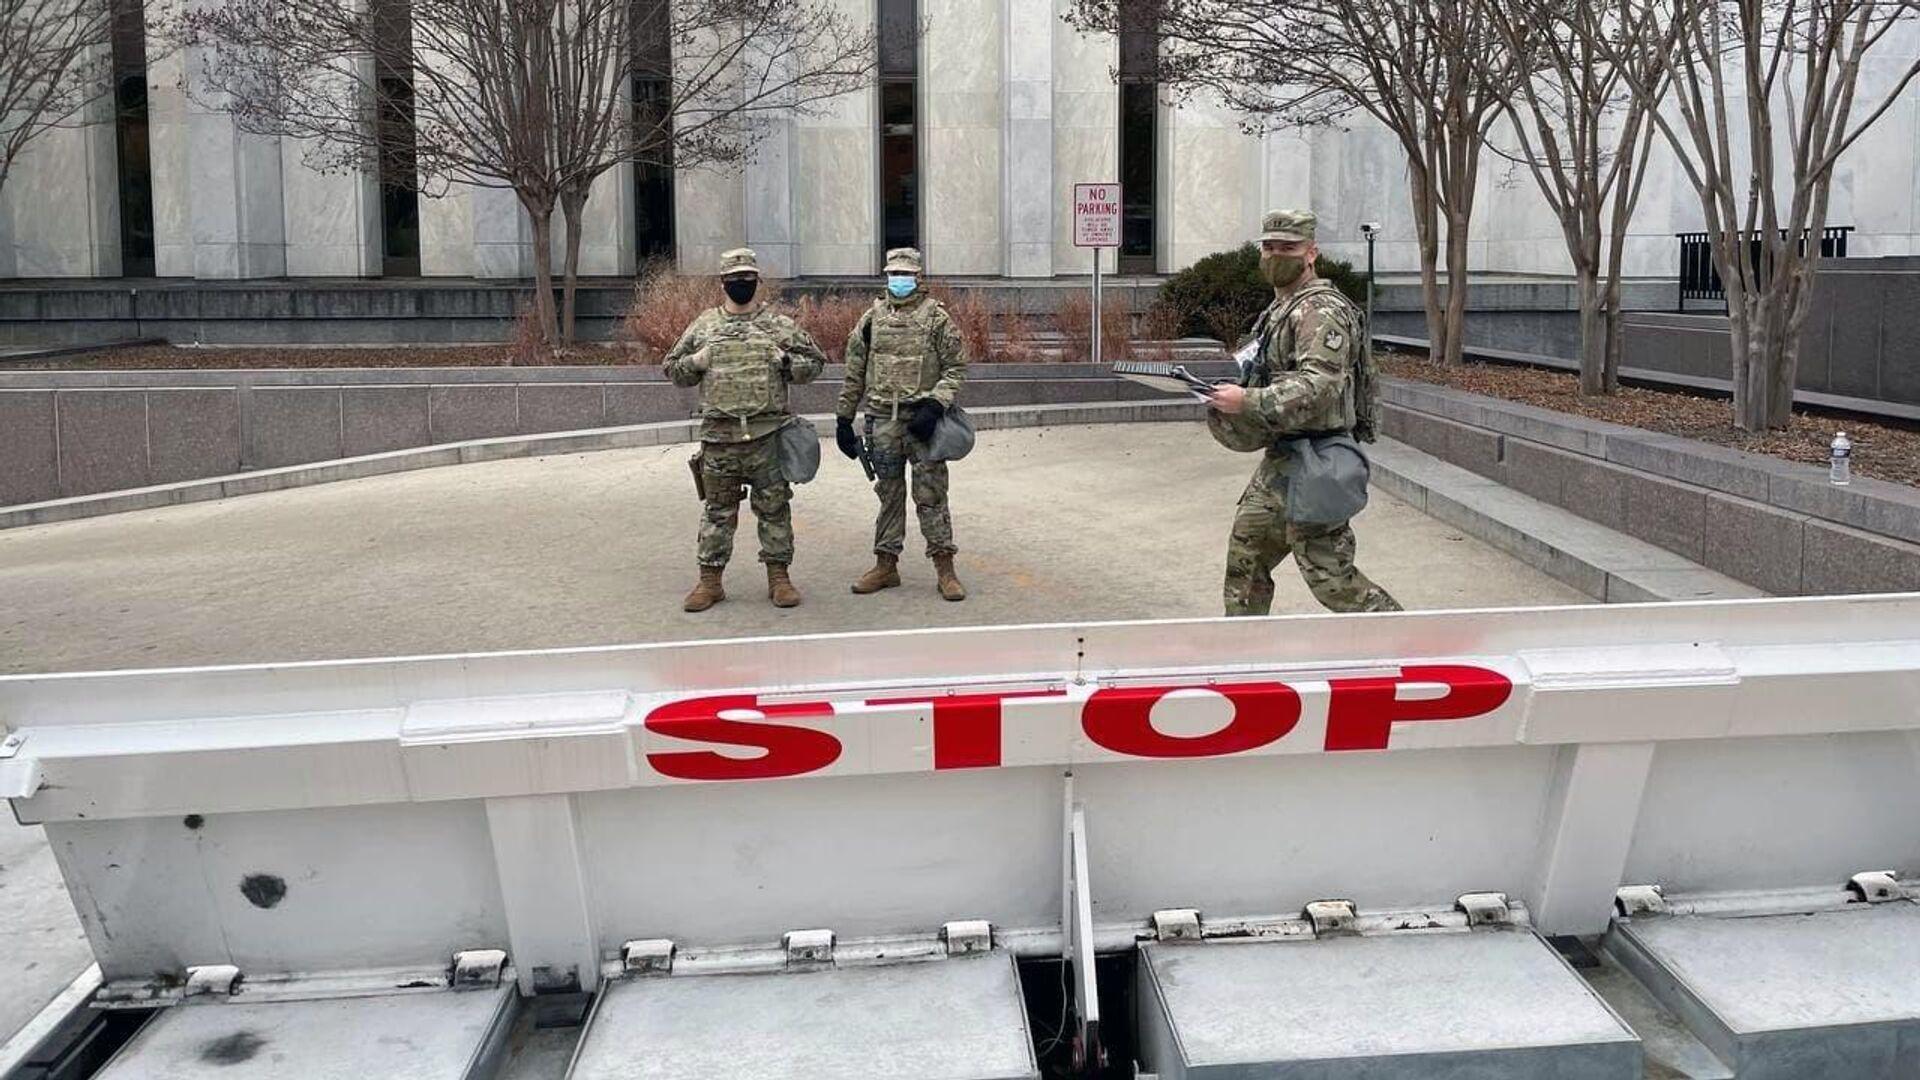 Военнослужащие Национальной гвардии дежурят на одной из улиц неподалеку от здания Капитолия в Вашингтоне - РИА Новости, 1920, 18.05.2021